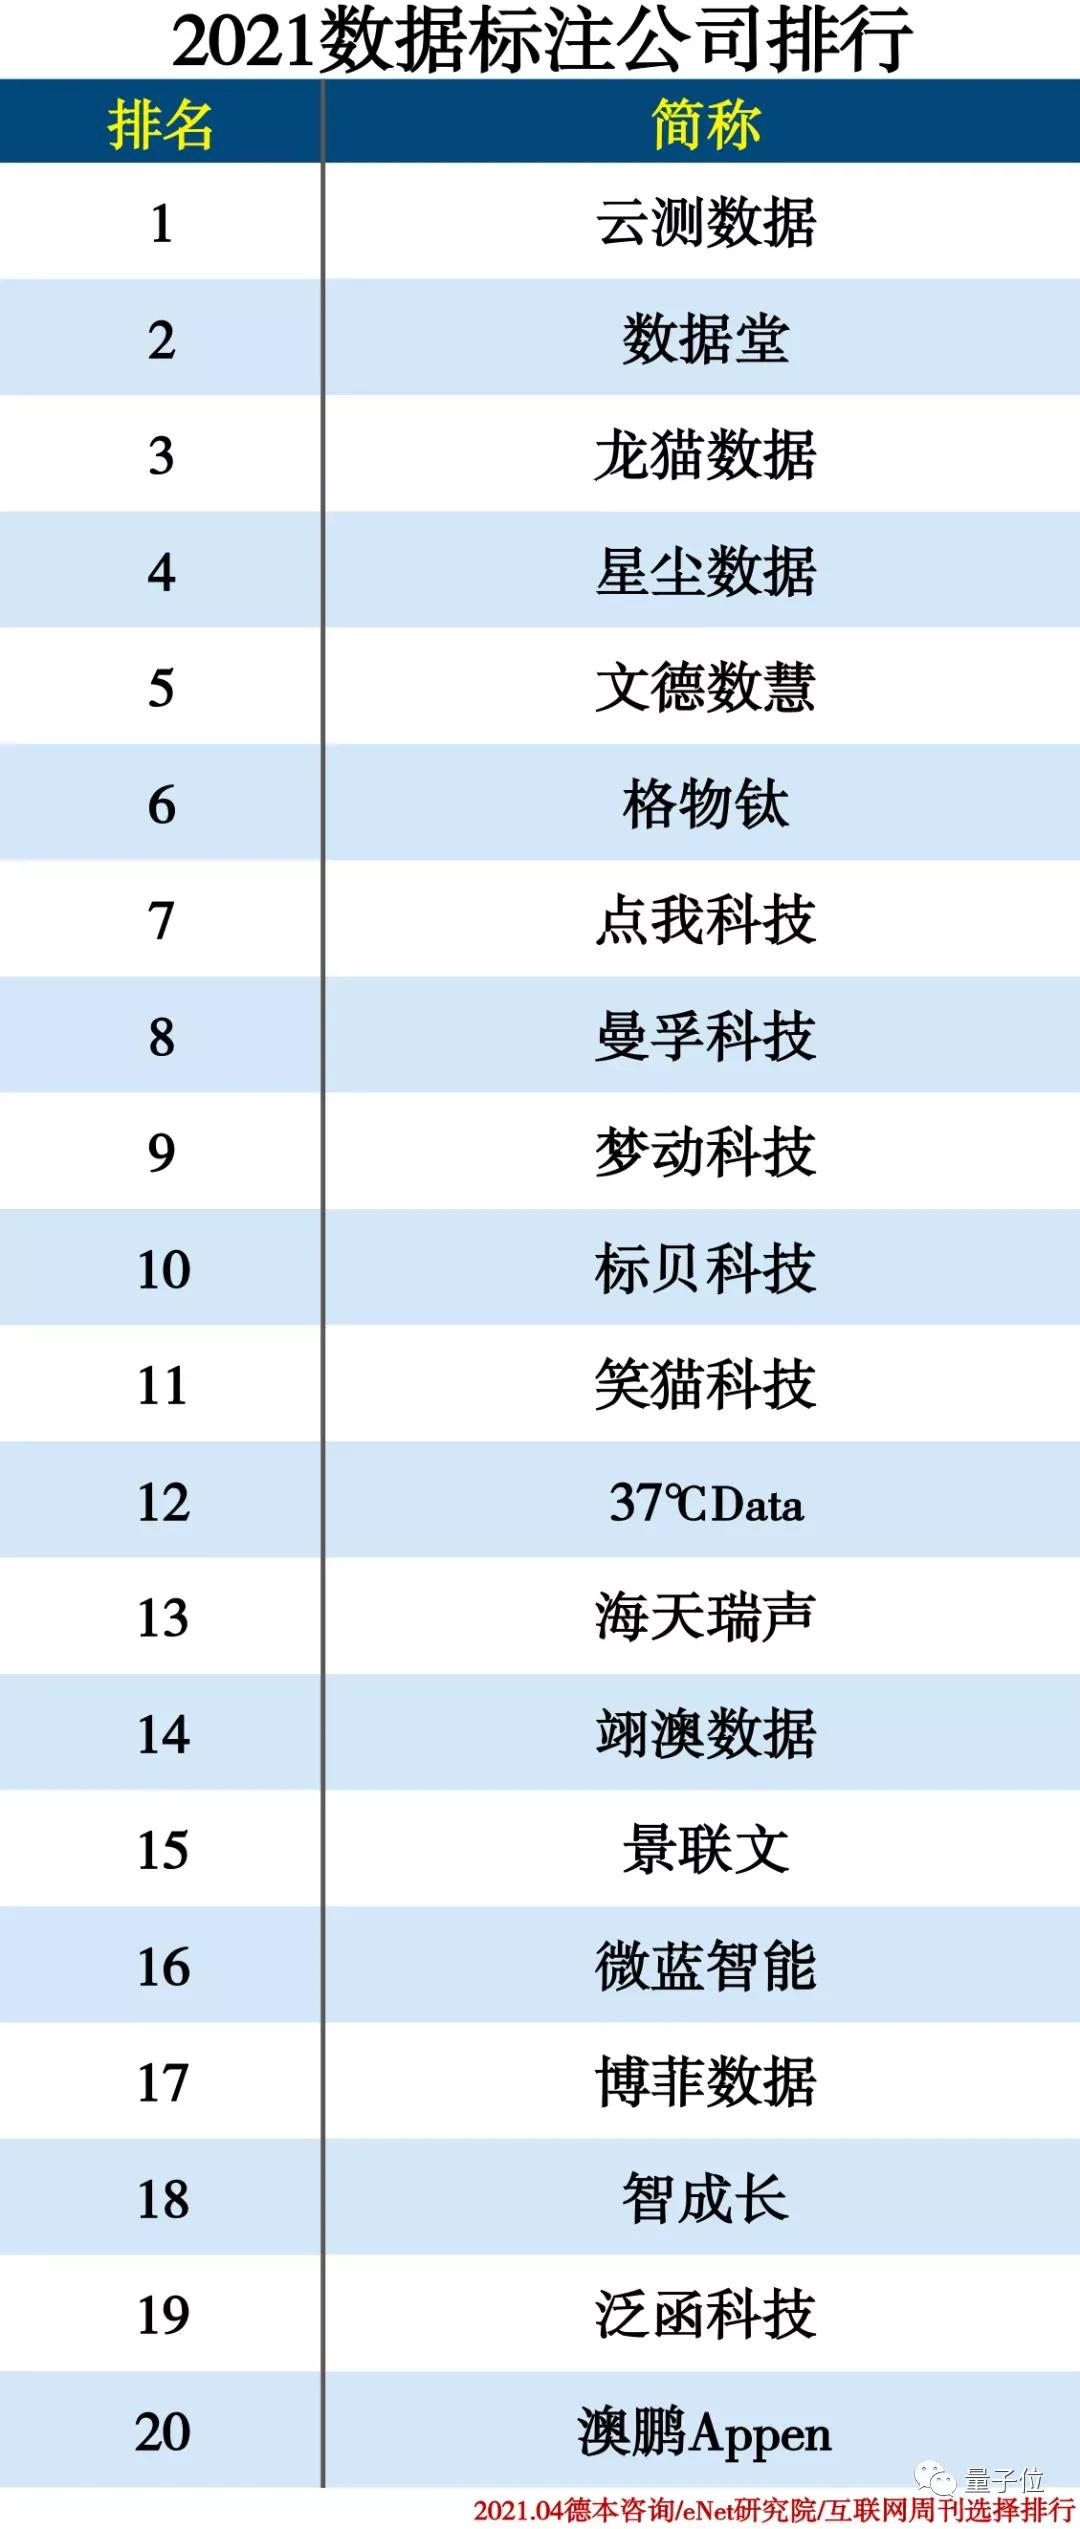 99.99%准确率!AI数据训练工具No.1来自中国